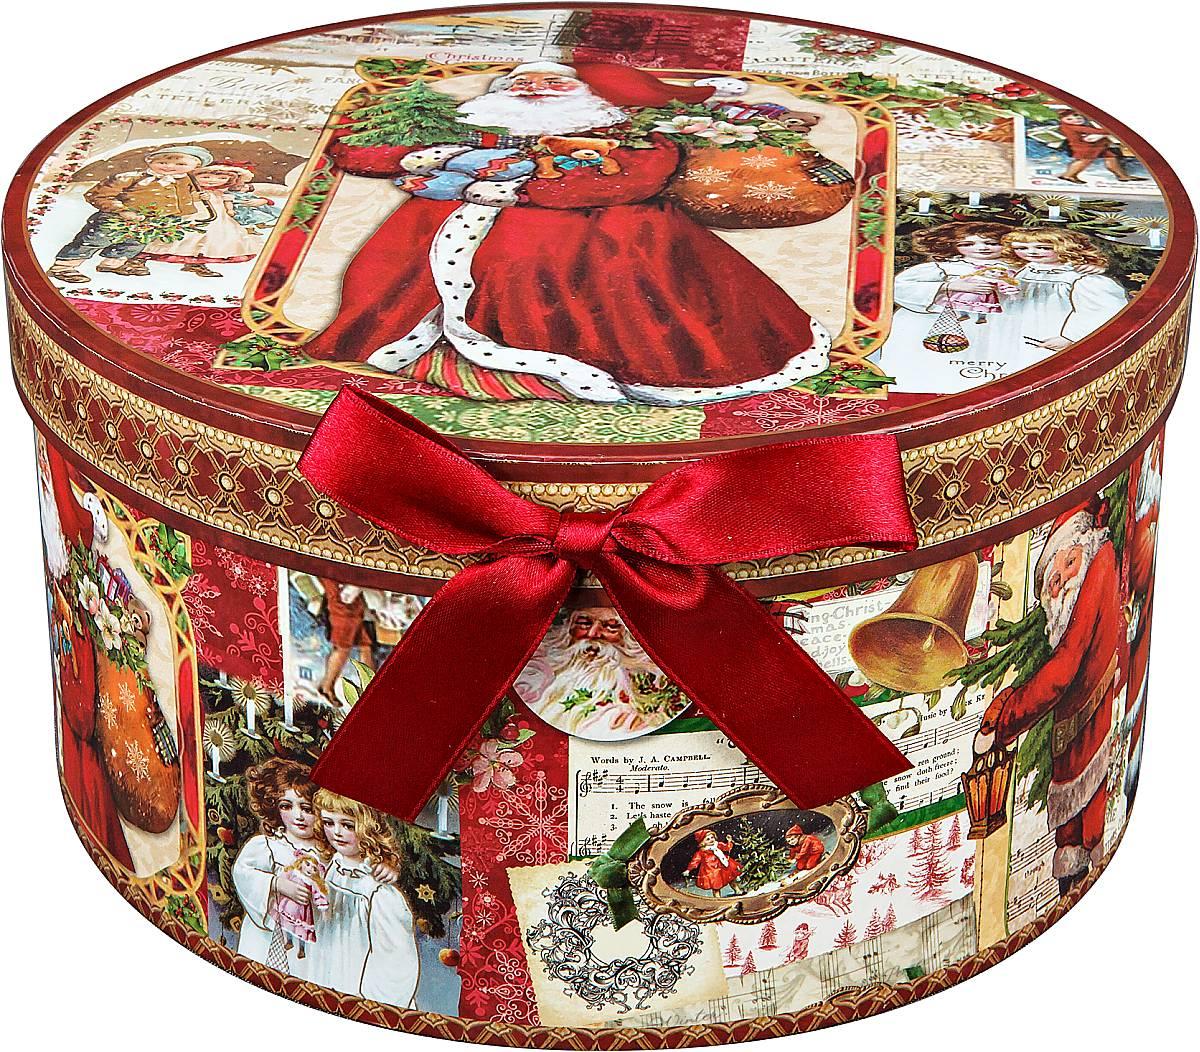 Коробка подарочная новогодняя Mister Christmas Дед Мороз и дети, круглая, 23 х 23 х 12 смBR-B-ROUND-B-1Круглая картонная коробка Mister Christmas Дед Мороз идети -это один из самых распространенных вариантов упаковкиподарков. Любой, даже самый нестандартный подарокупакованный в такую коробку, создаст момент легкойинтриги, а плотный картон сохранит содержимое впервоначальном виде. Оригинальный дизайн самойкоробки будет долго напоминать владельцу отрогательных моментах получения подарка.